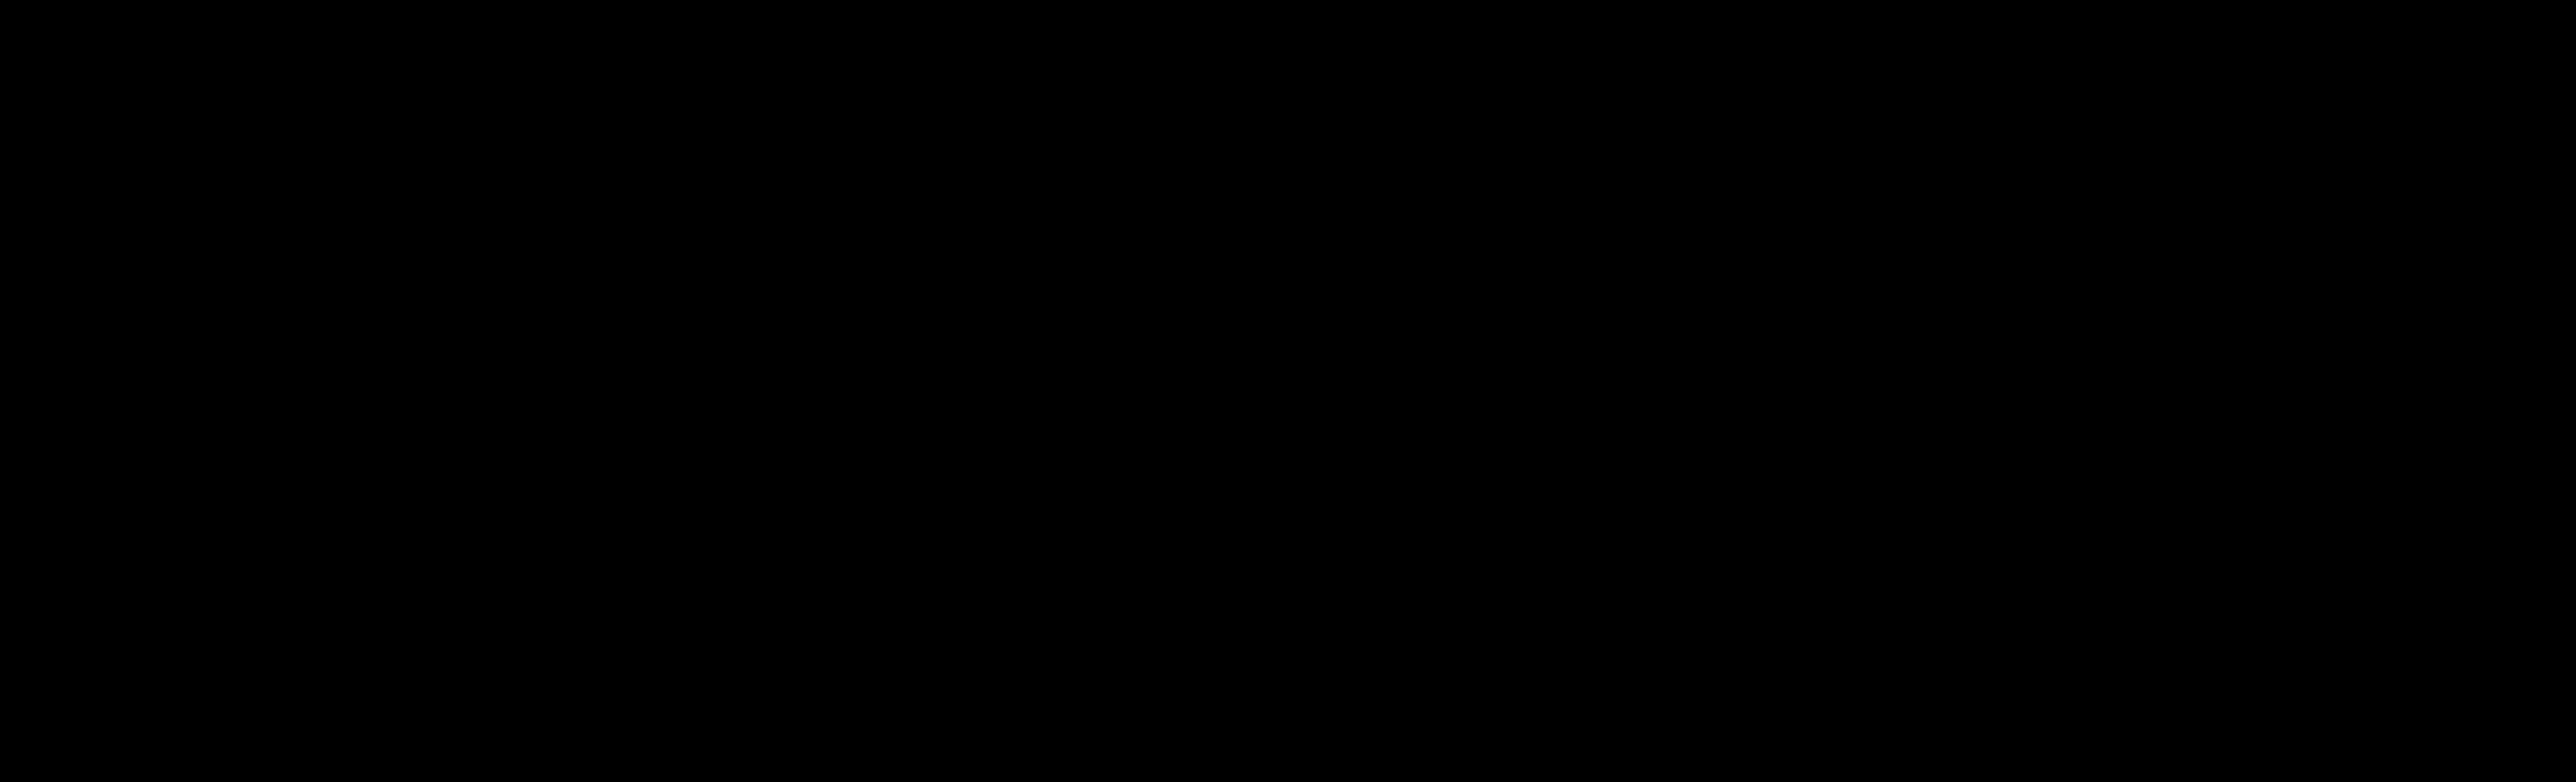 Zürich von seiner schönsten Seite